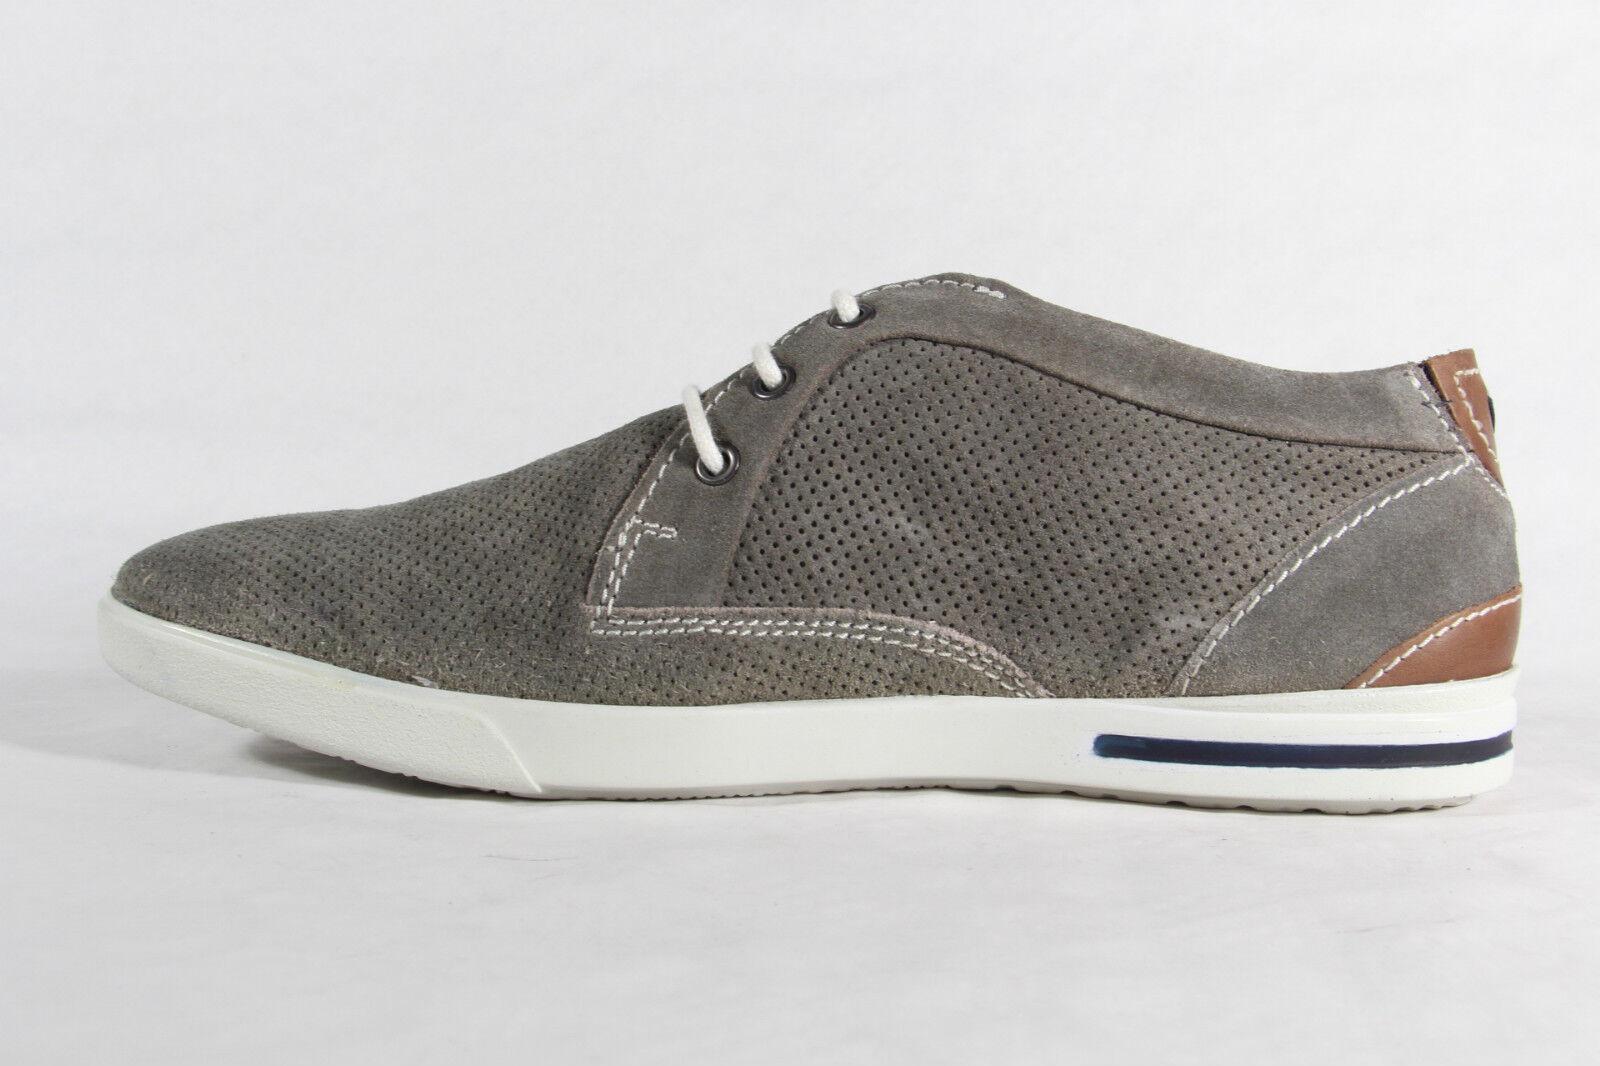 sale retailer 75139 b5e5b S.Oliver Herren Schnürschuh Sneaker grau, Echtleder, Gummisohle, NEU!!